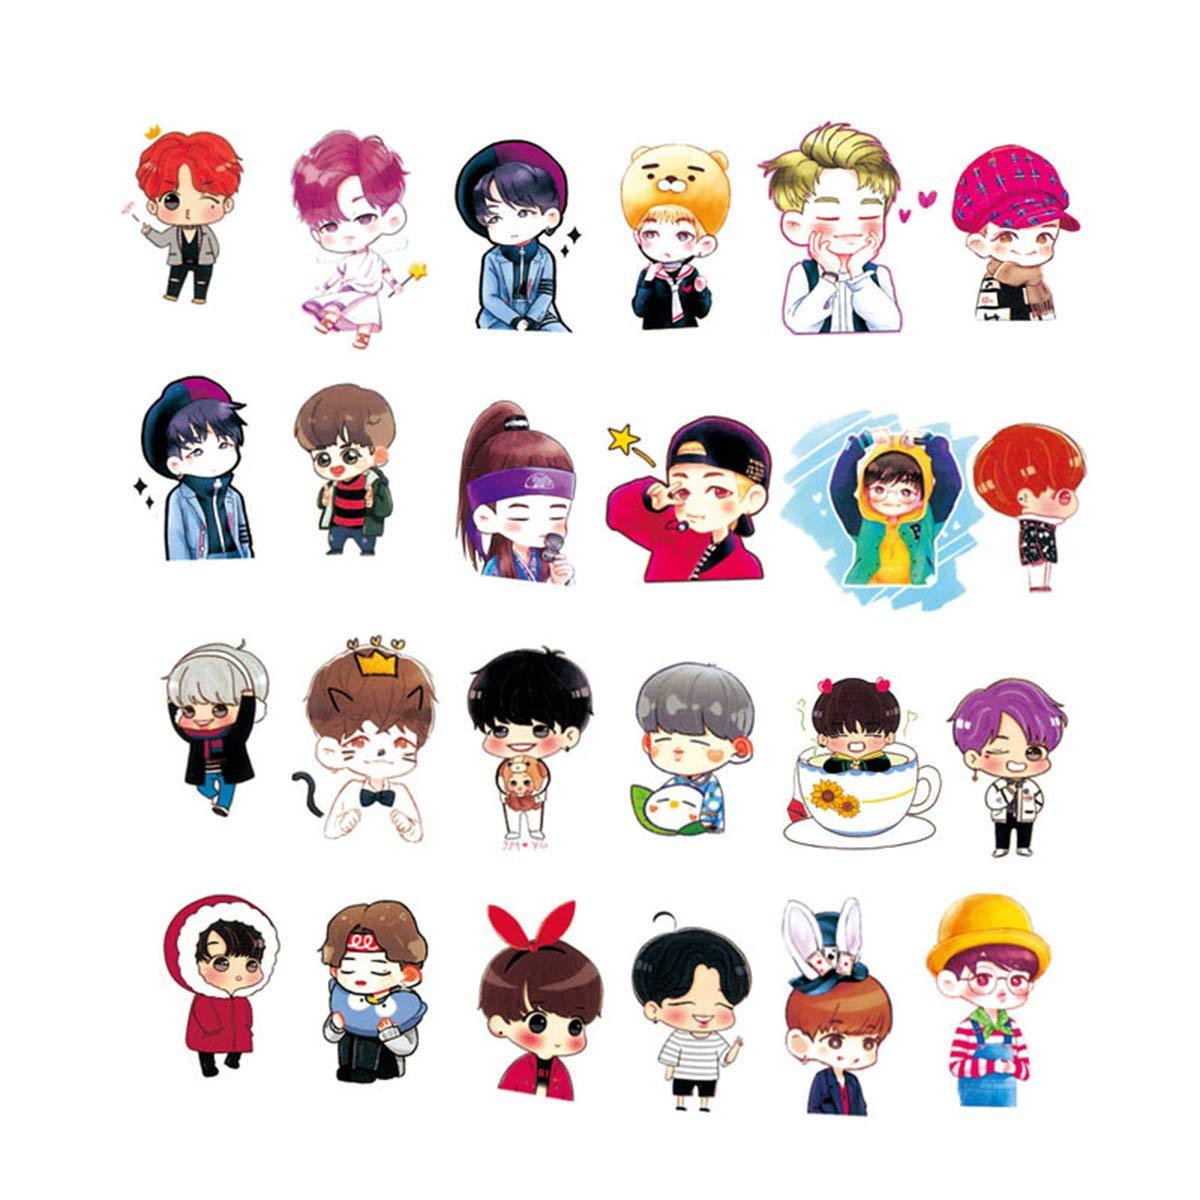 Stickers Calcos 58 un. BTS Bangtan Boys (7HFRQQF1)